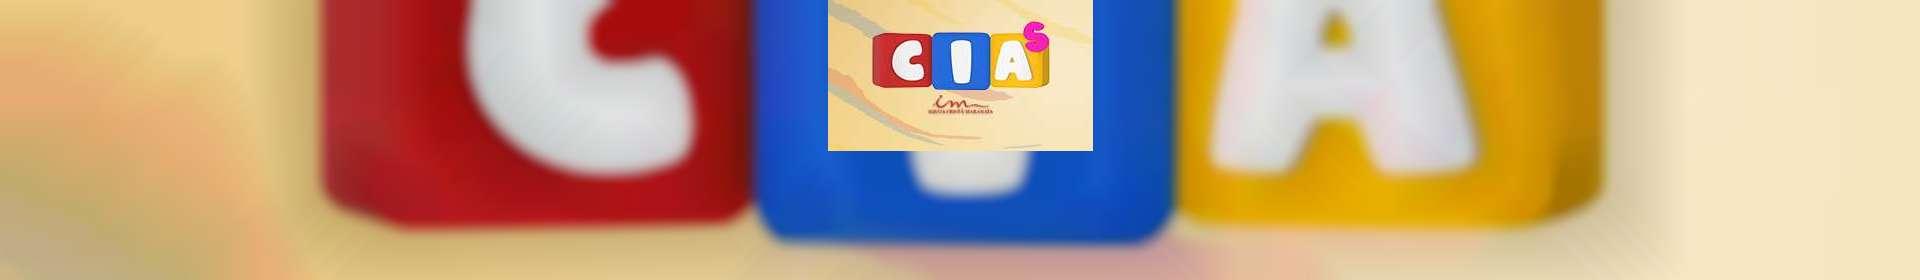 Aula de CIAS: classe de 0 a 3 anos e gestantes - 14 de maio de 2020